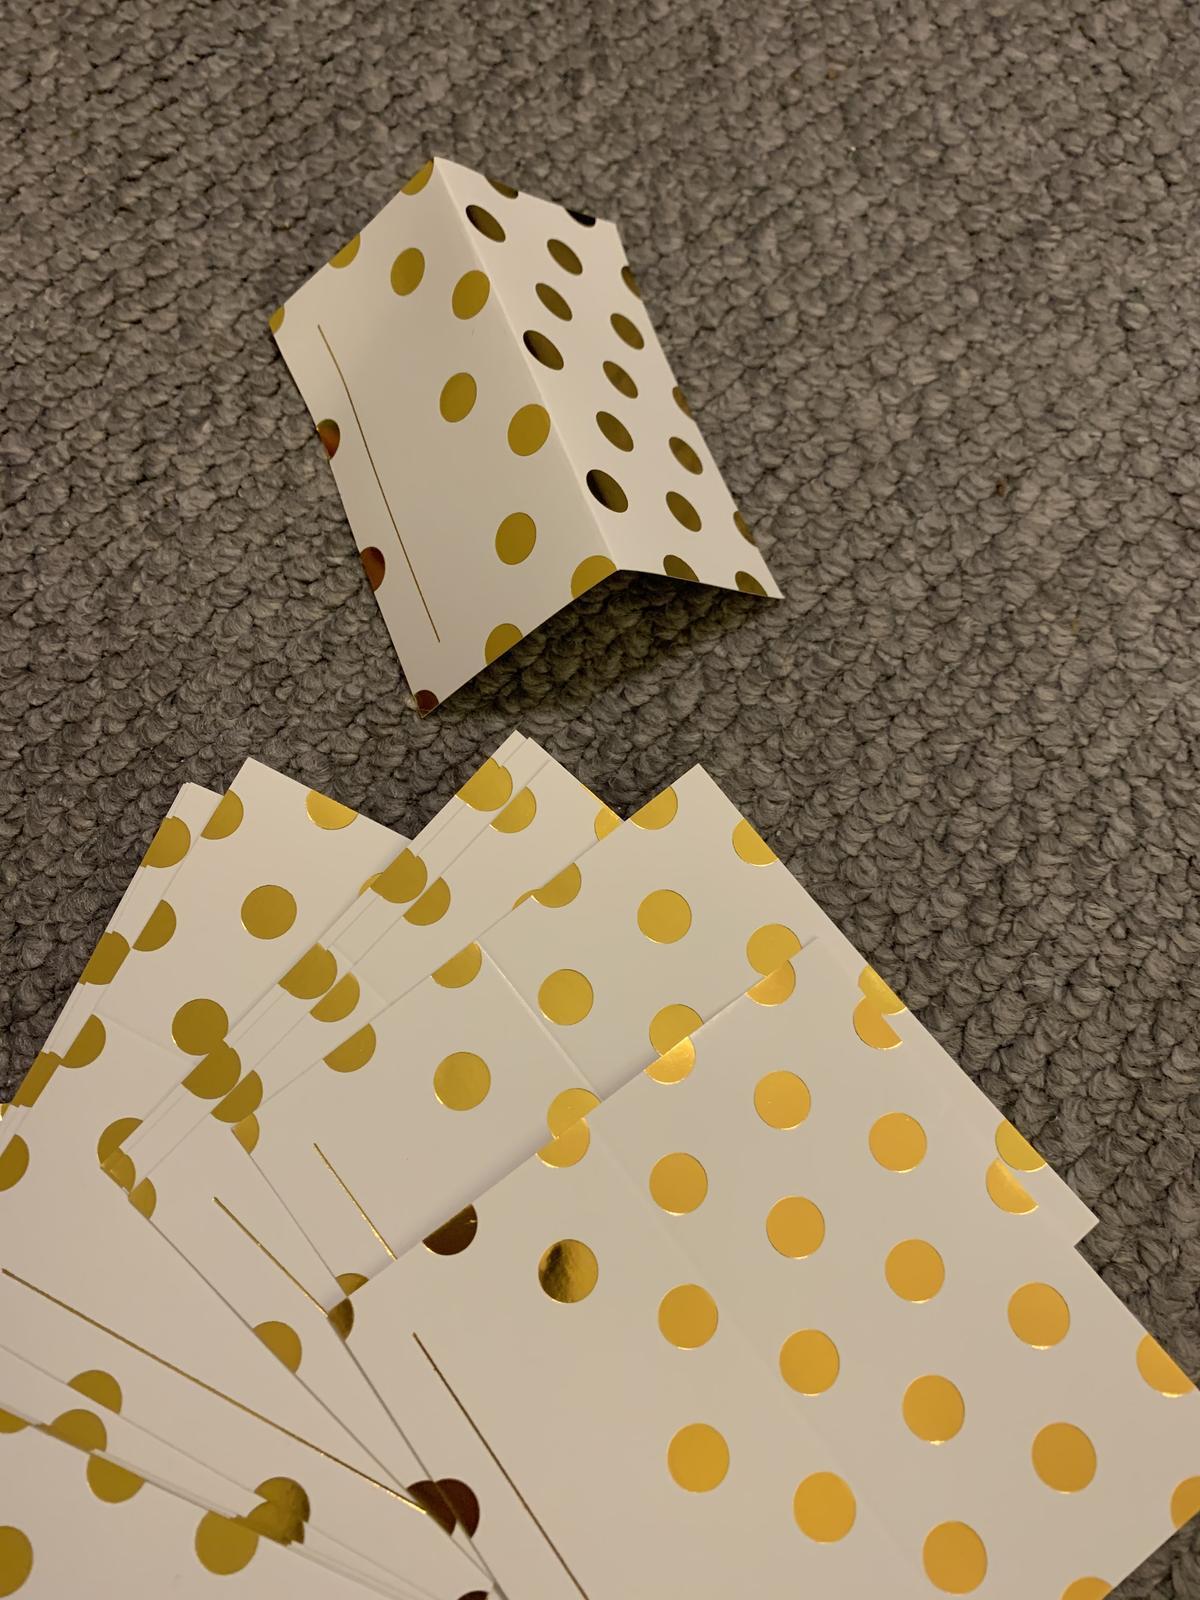 Kartičky  zlato-bílé  - Obrázek č. 4